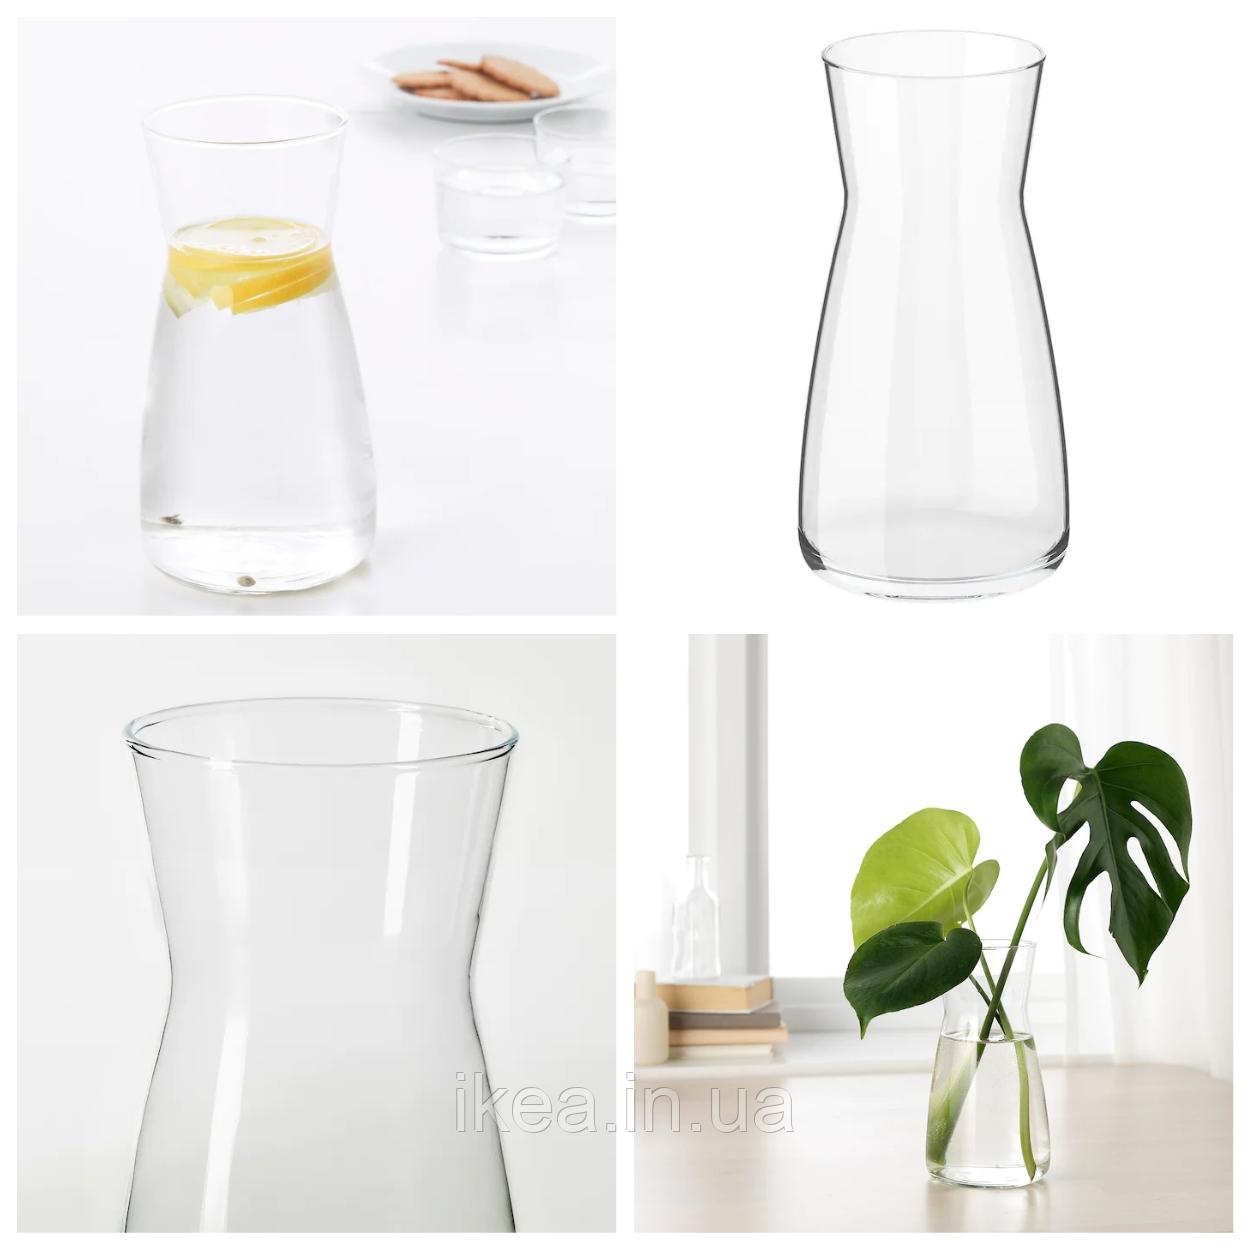 Універсальний скляна карафа для напоїв 1 л IKEA KARAFF прозора ваза для квітів ІКЕА КАРАФФ